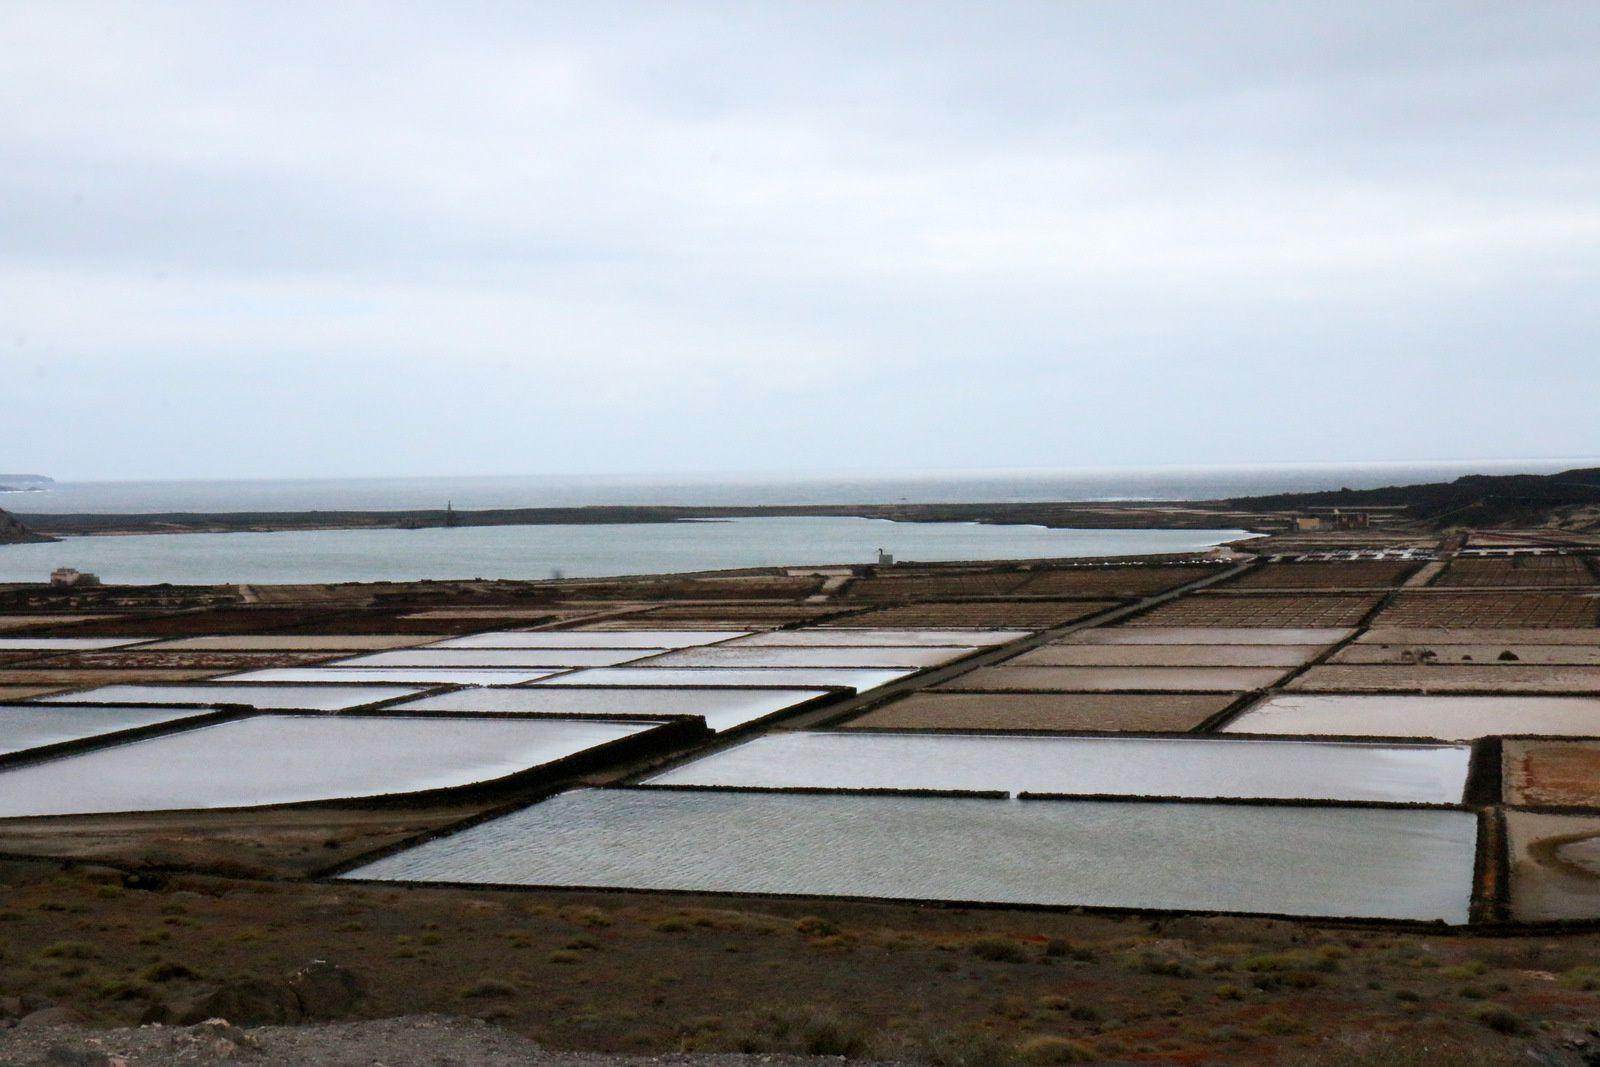 Salins de Janubio, île de Lanzarote (Canaries)